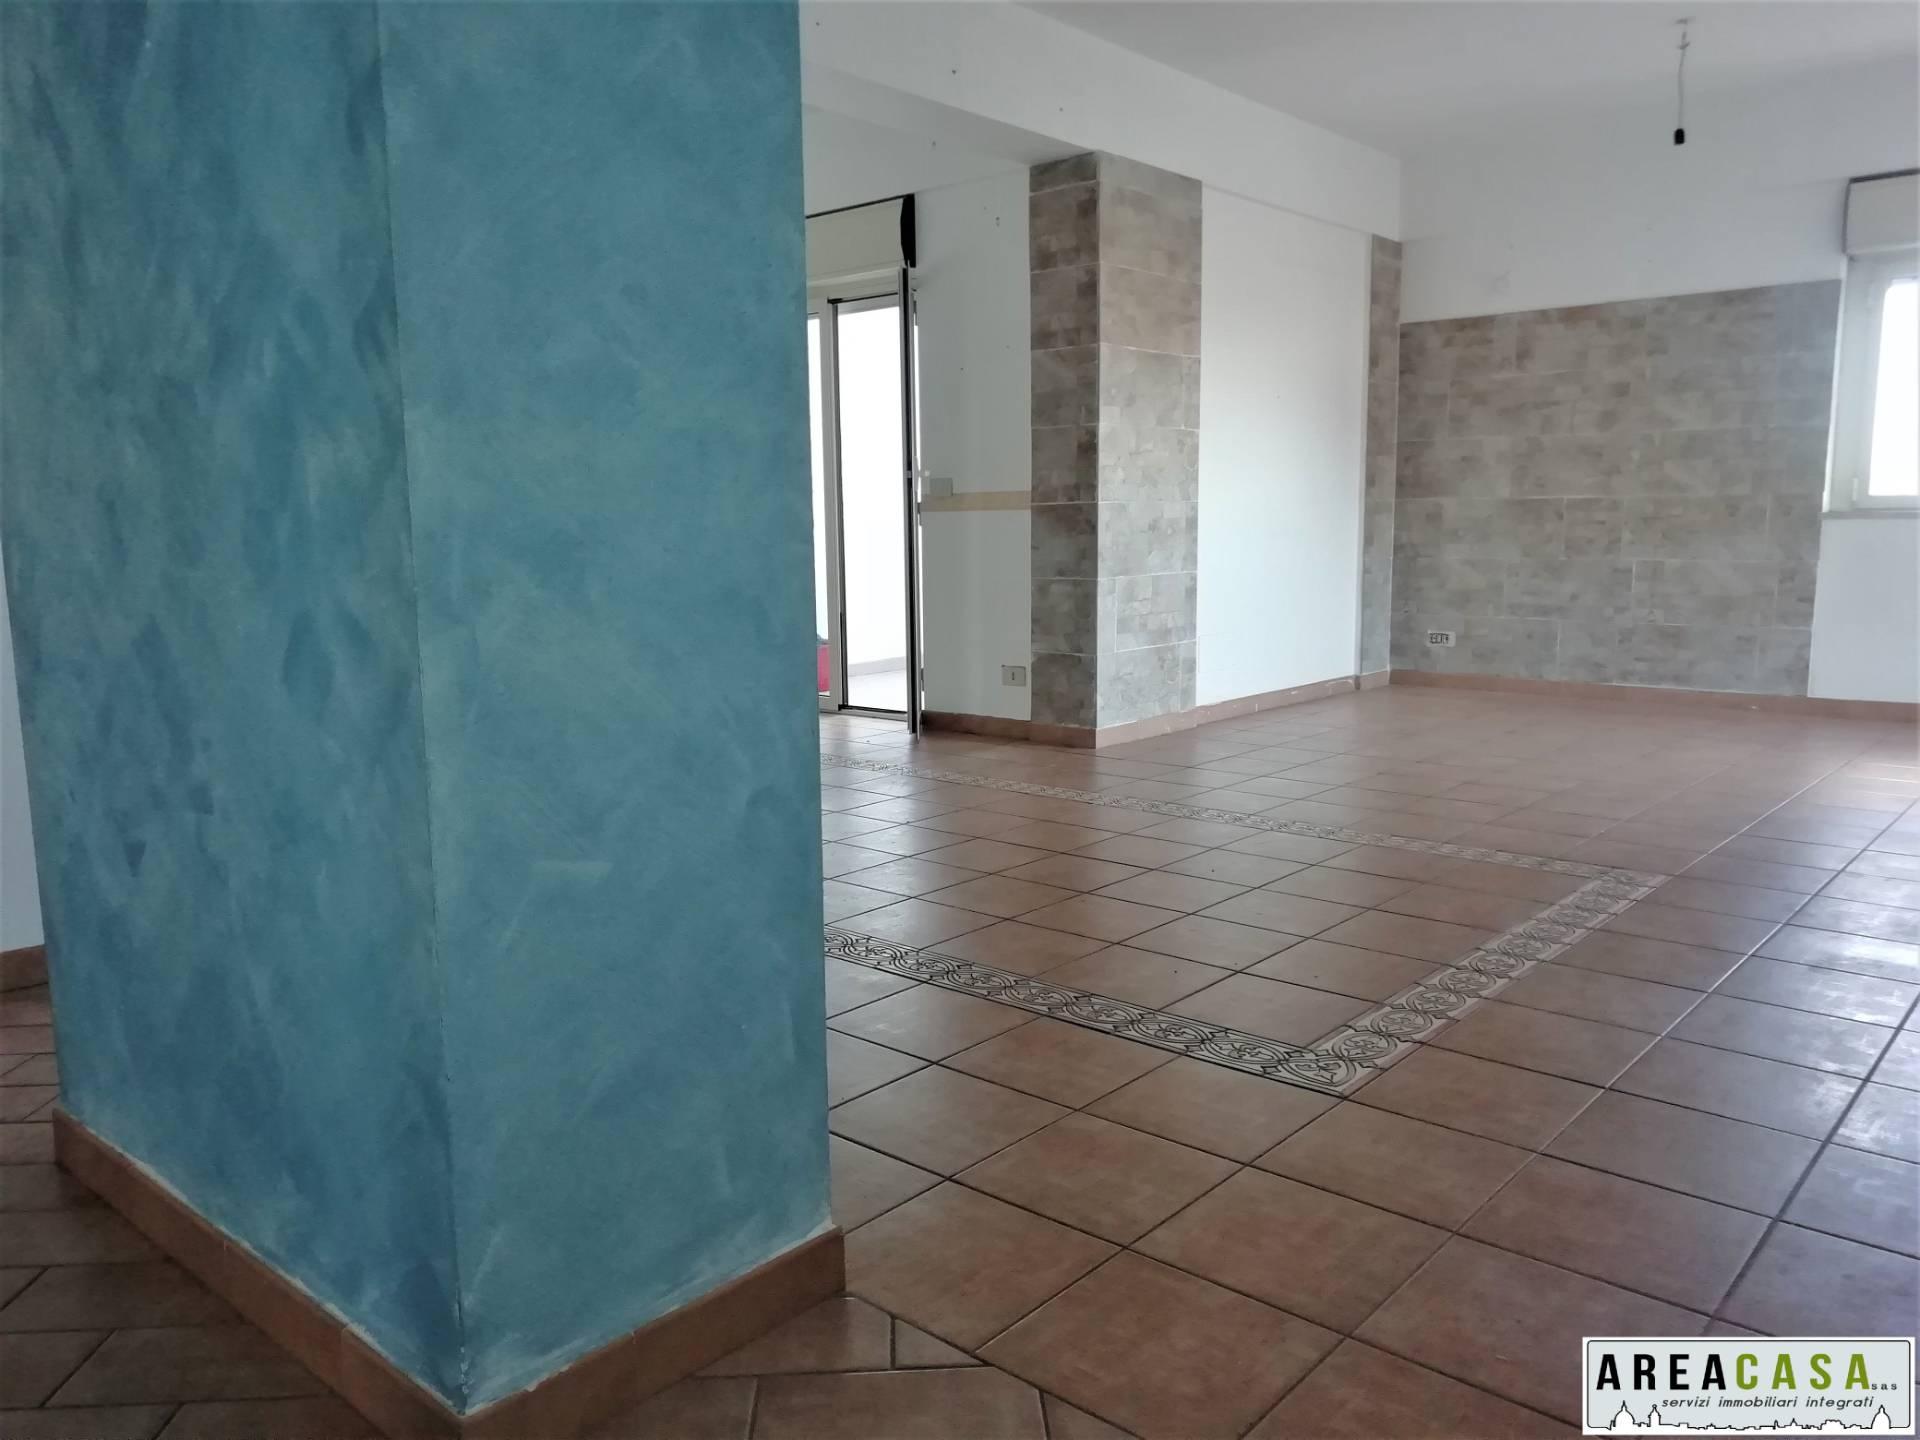 Appartamento in vendita a Capaci, 3 locali, prezzo € 130.000   PortaleAgenzieImmobiliari.it